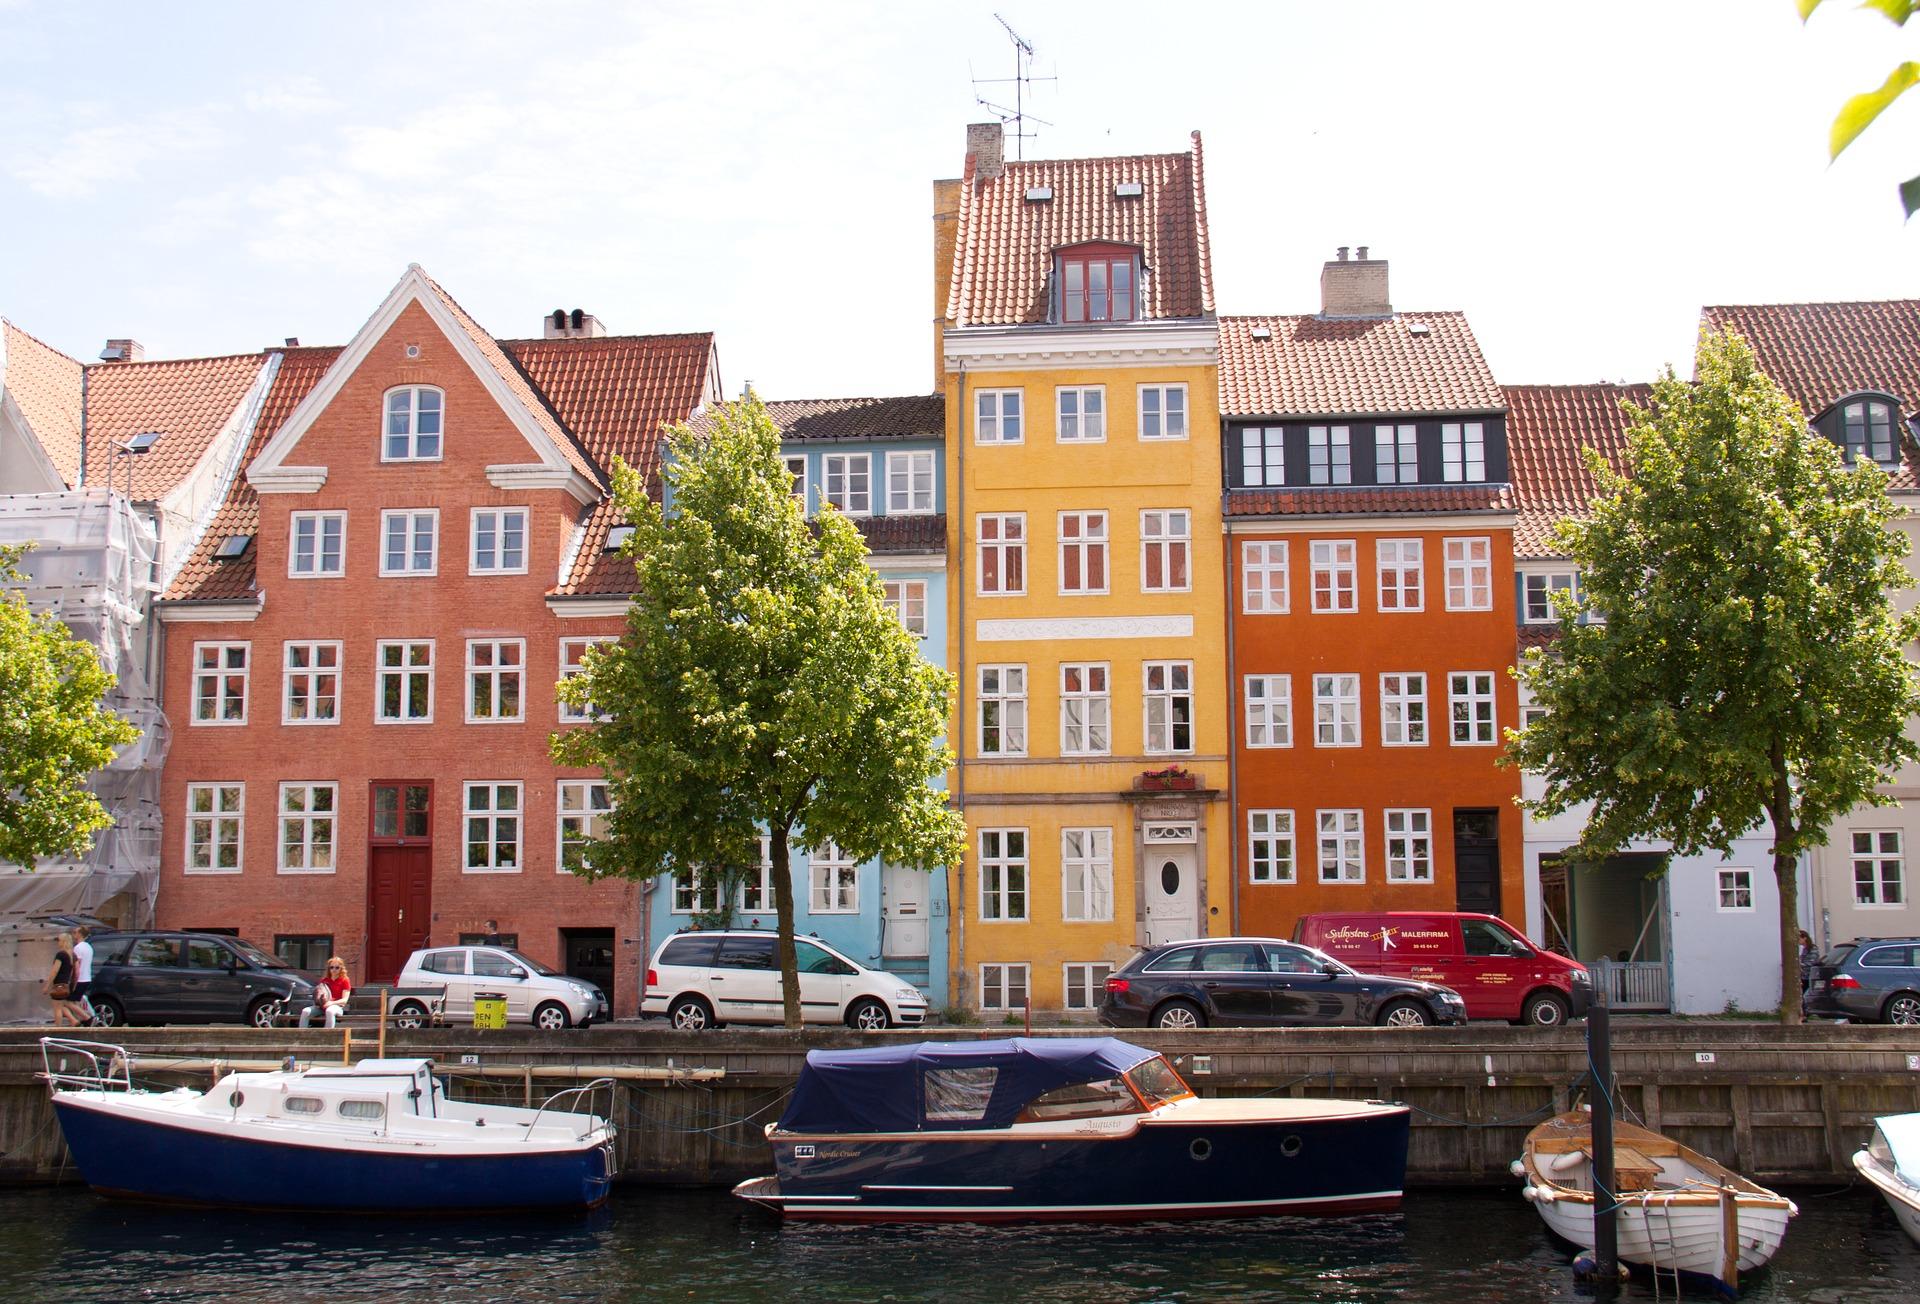 Tagrygninger og tagplader i stål - Besøg Nettotag.dk